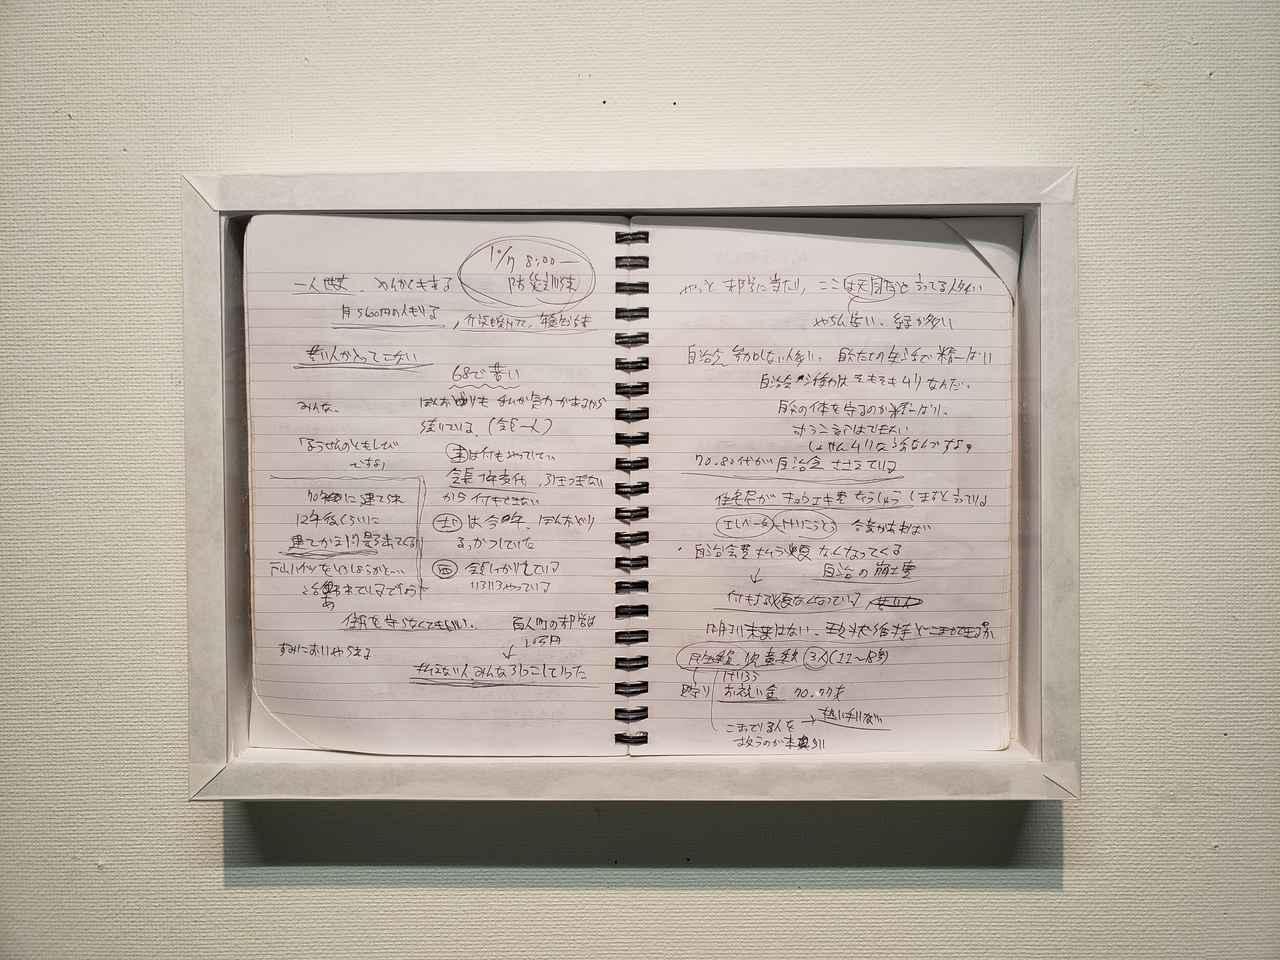 画像: 藤原さんの取材ノート。戸山ハイツへの撮影取材は、当初、住民宅のインターホンを1軒1軒押し150軒ほど回ったけれど、断られ続けたそうです。